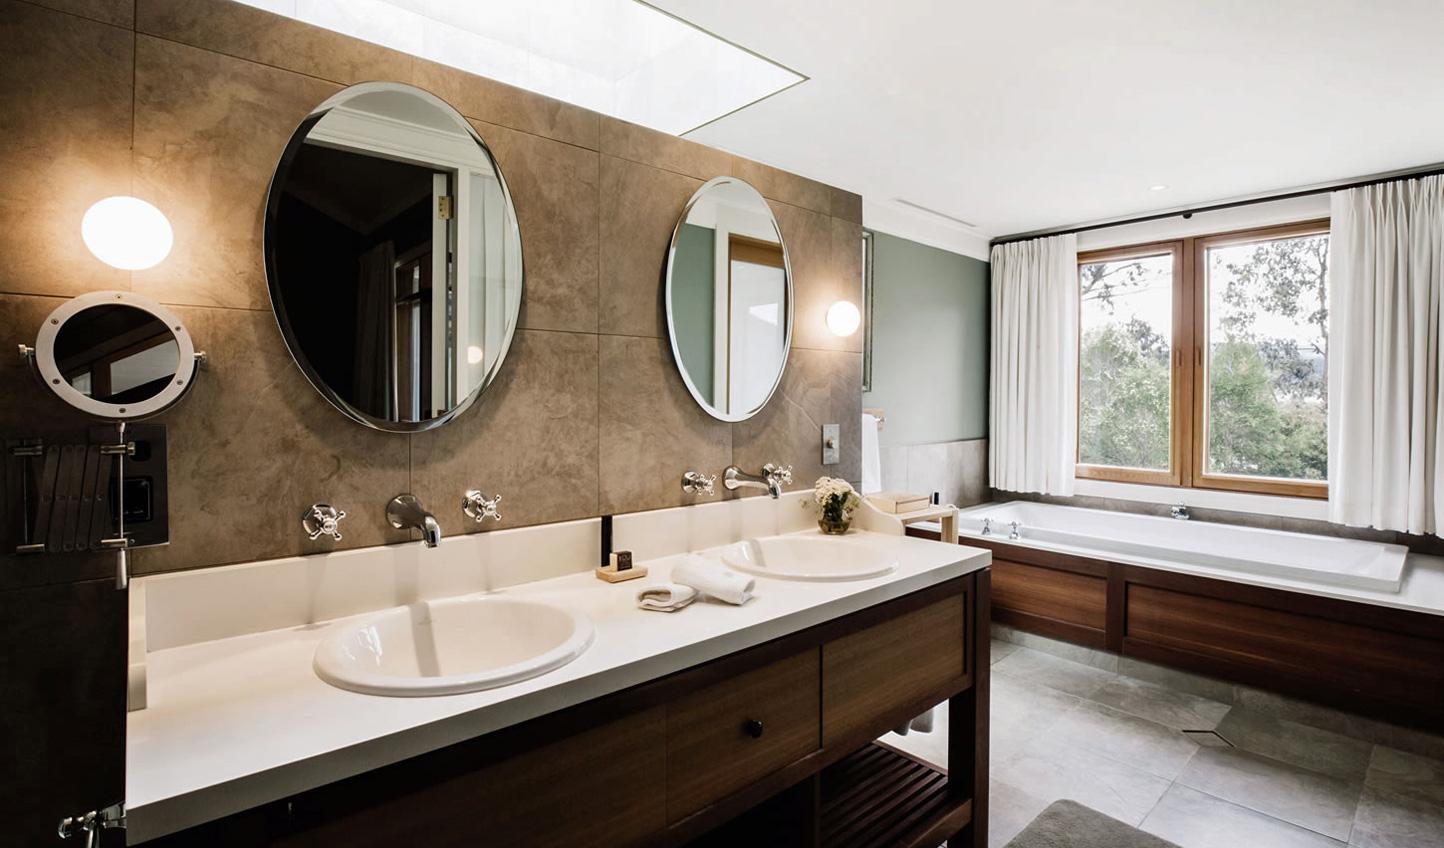 Sleek bathrooms bring luxury to the wilderness